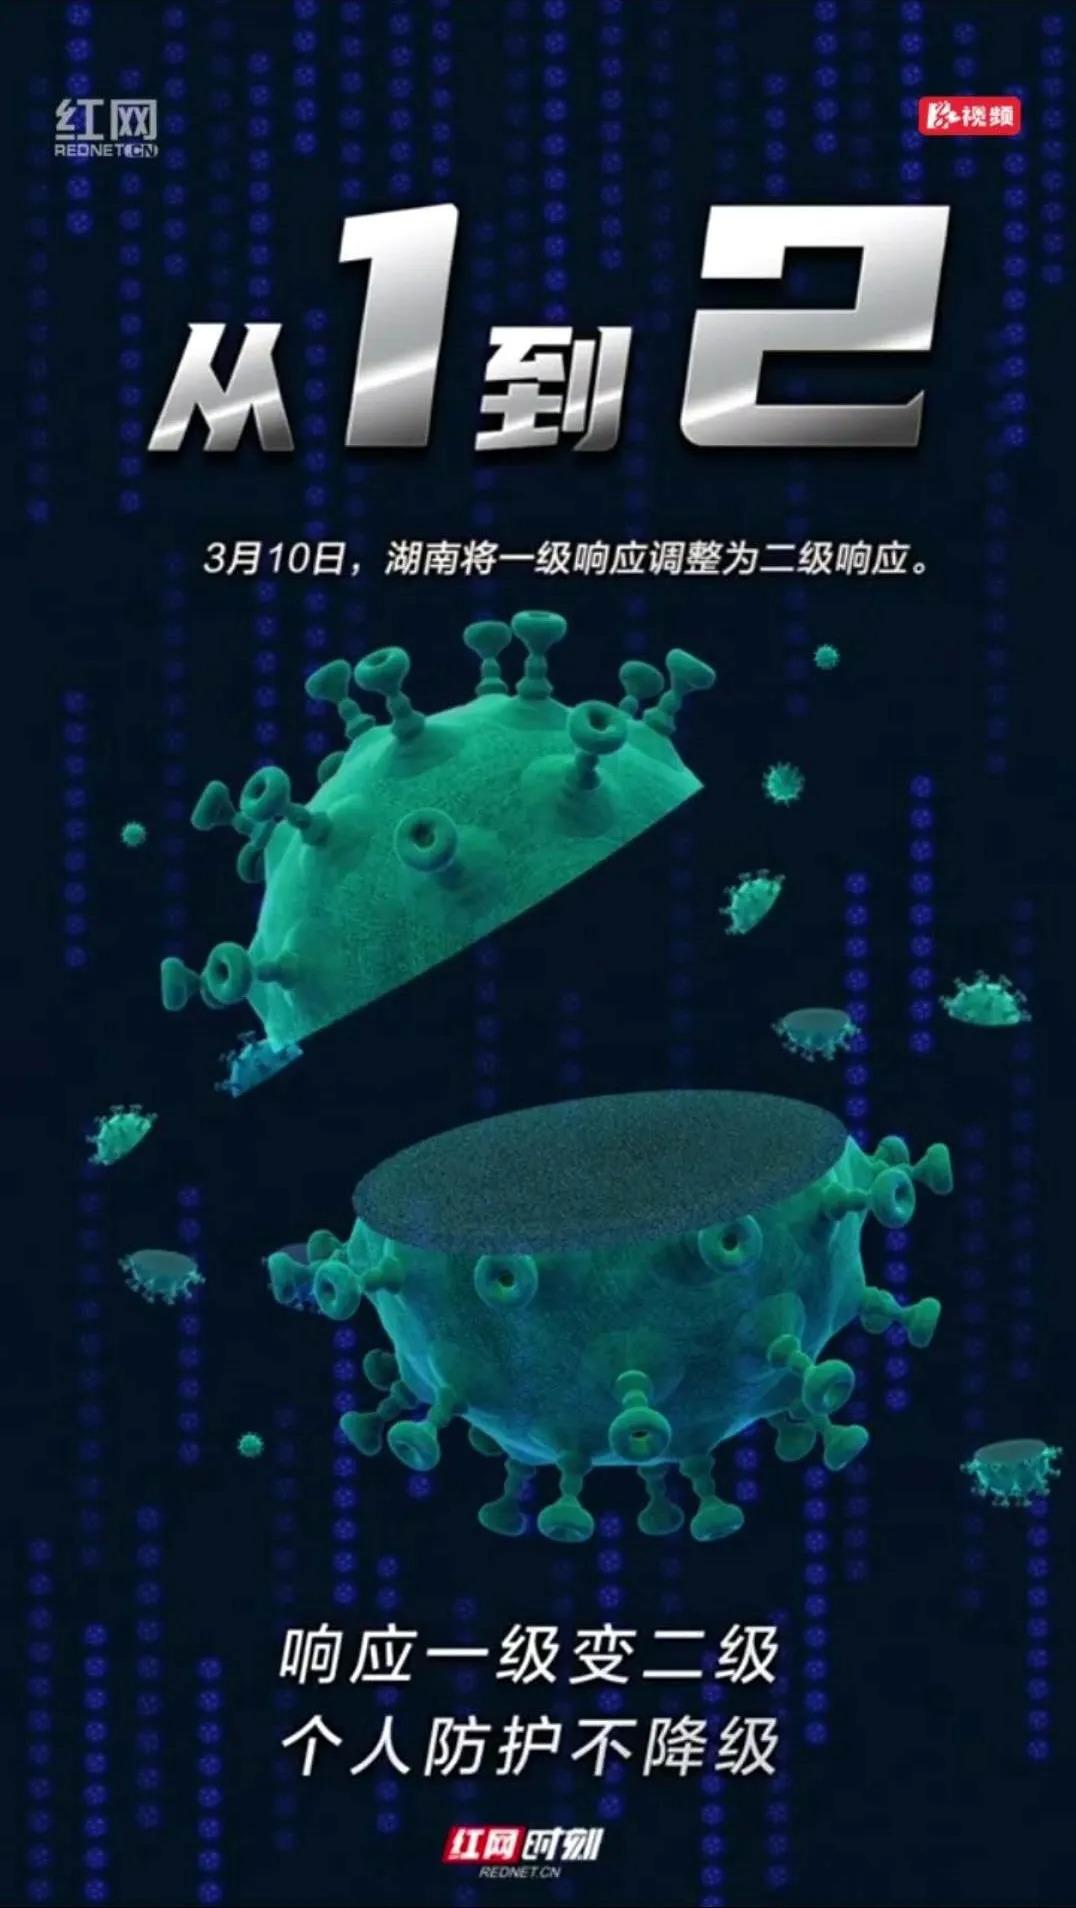 """由""""1""""到""""2""""的48天,读懂湖南防控换挡的战场符号 新湖南www.hunanabc.com"""